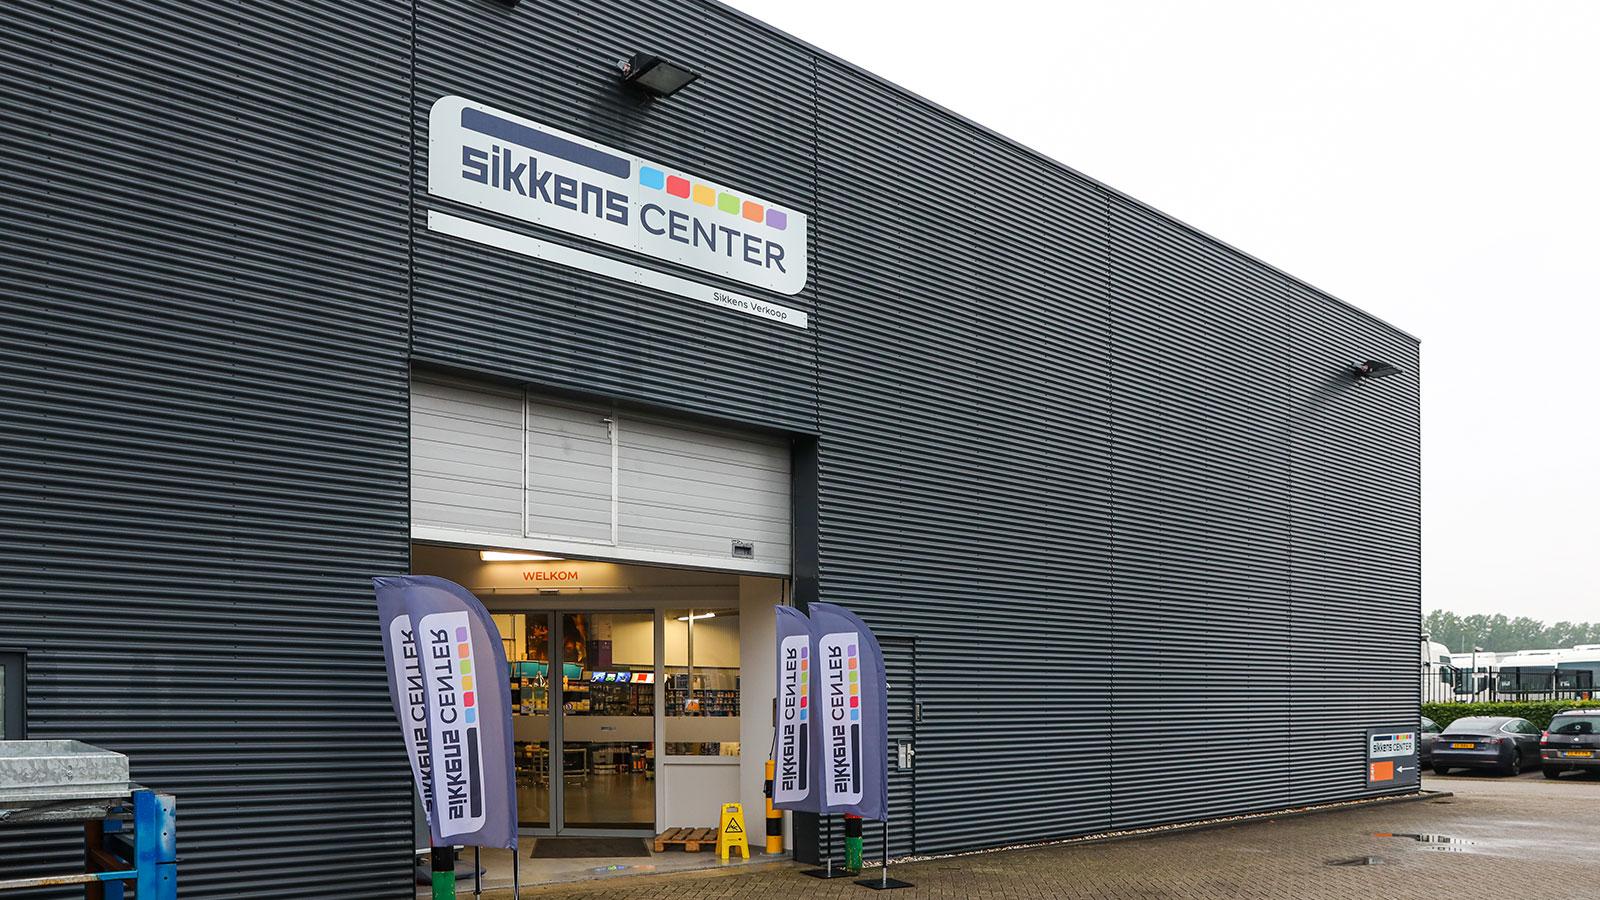 uploads/images/3d97fea1-97bc-4c1b-857d-824a05651f10/Stores/Sikkens-Center-Nijmegen.jpg